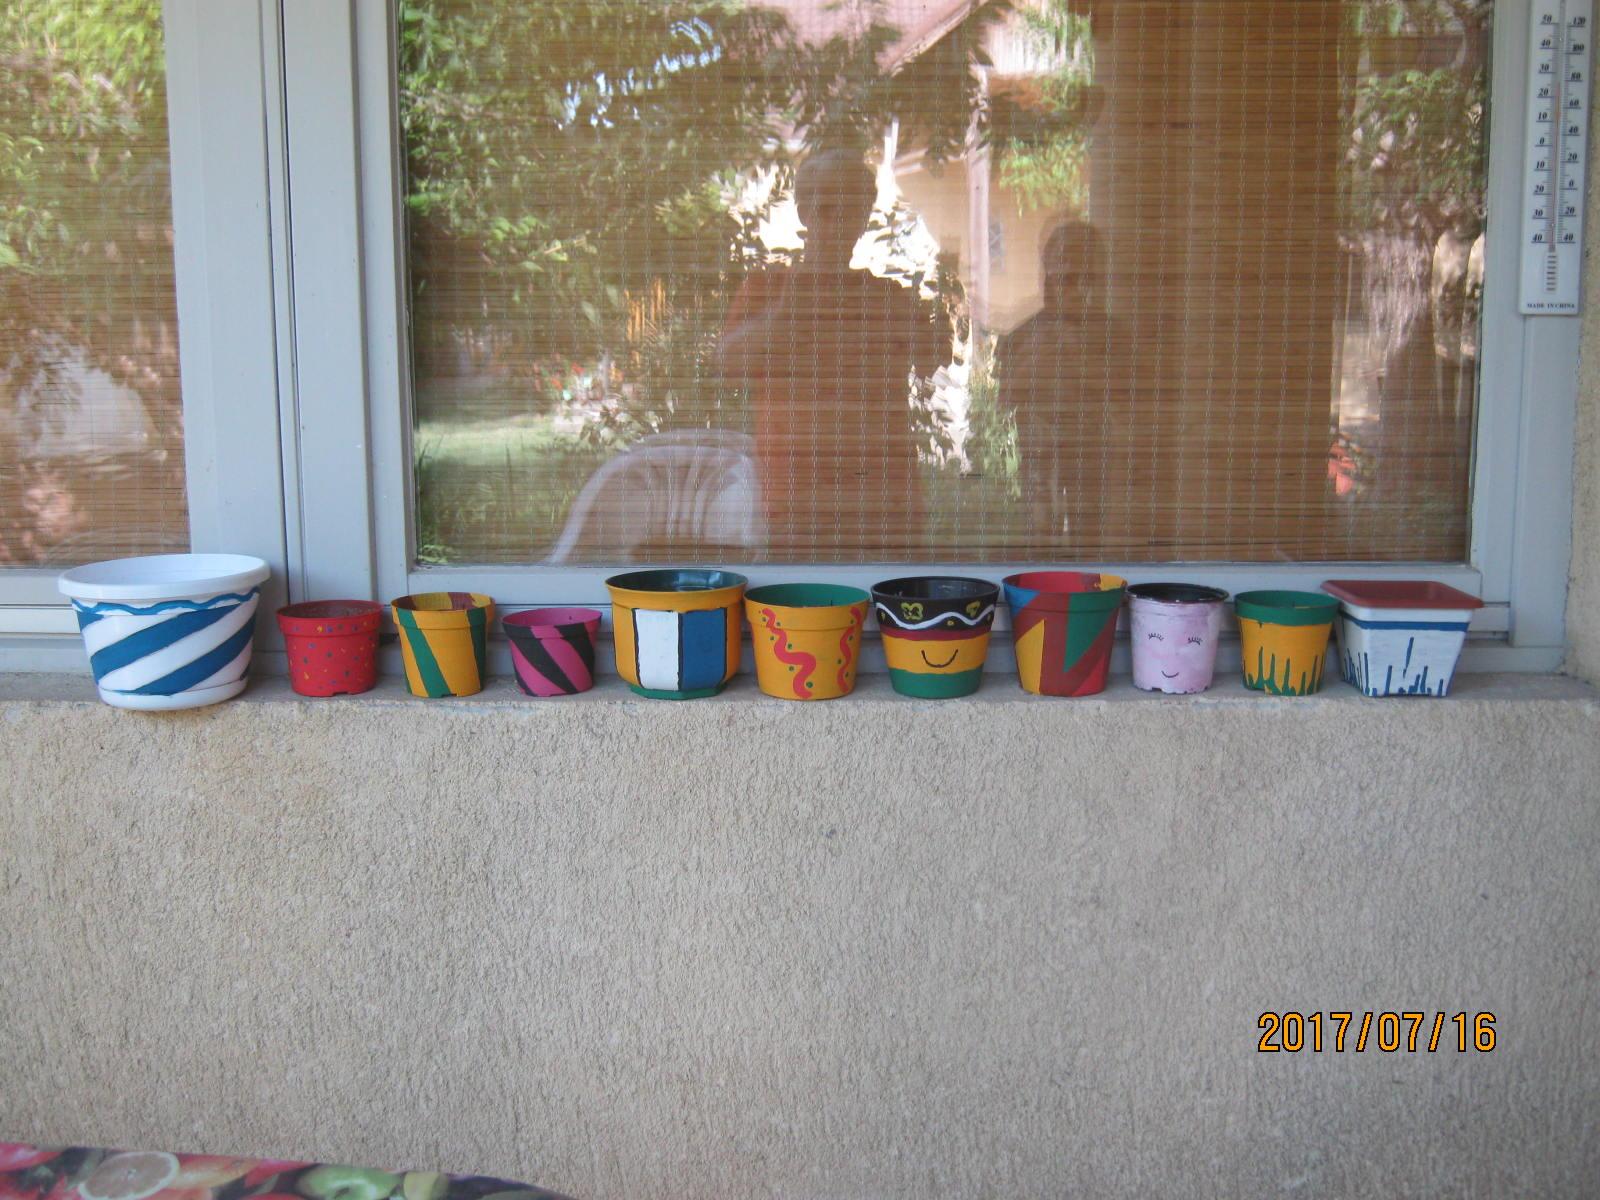 Kiállítás az ablakpárkányon